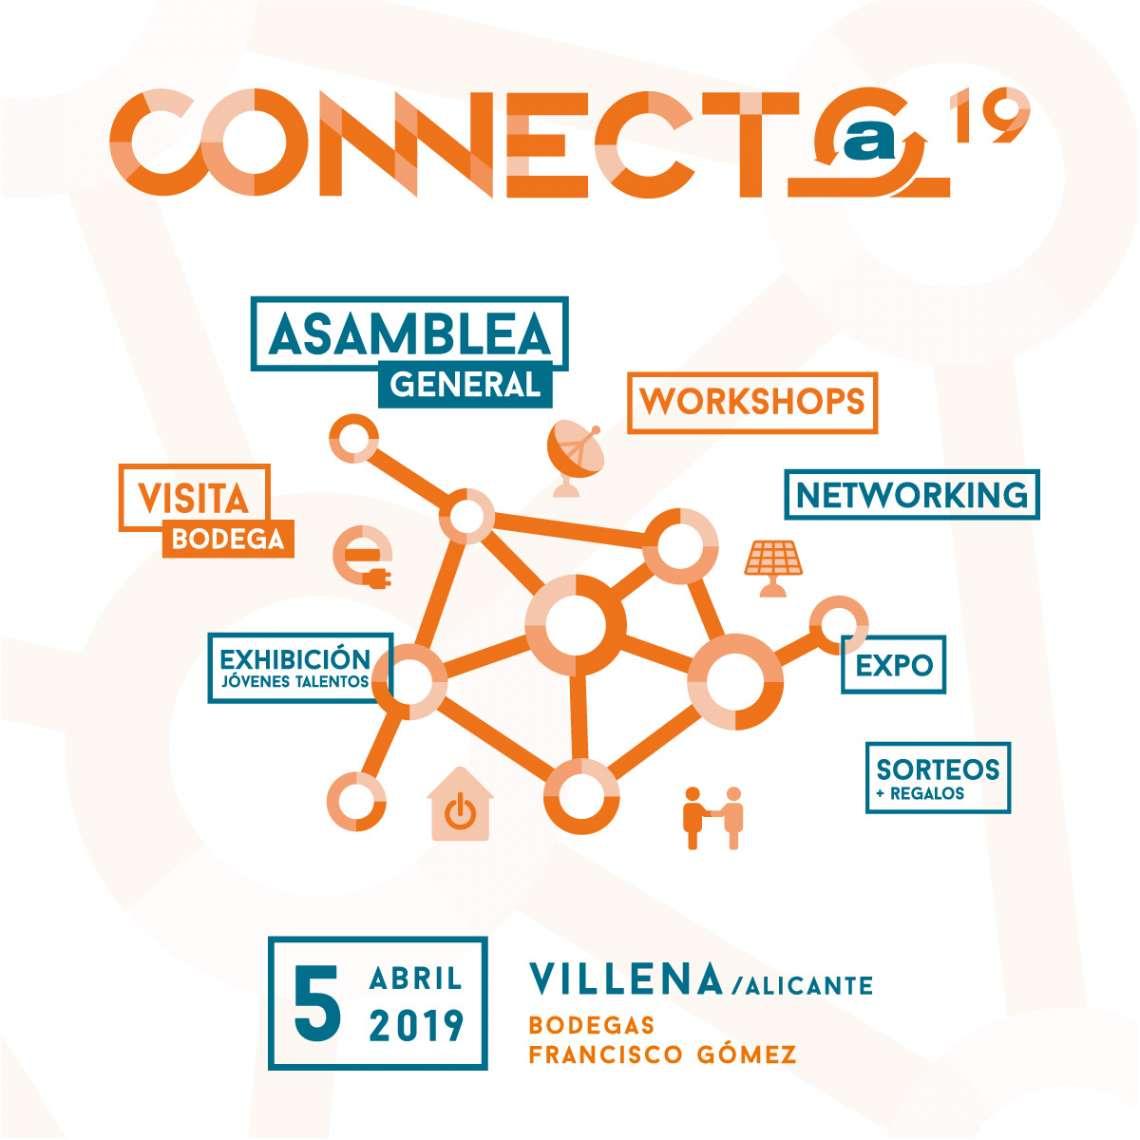 Connecta 19